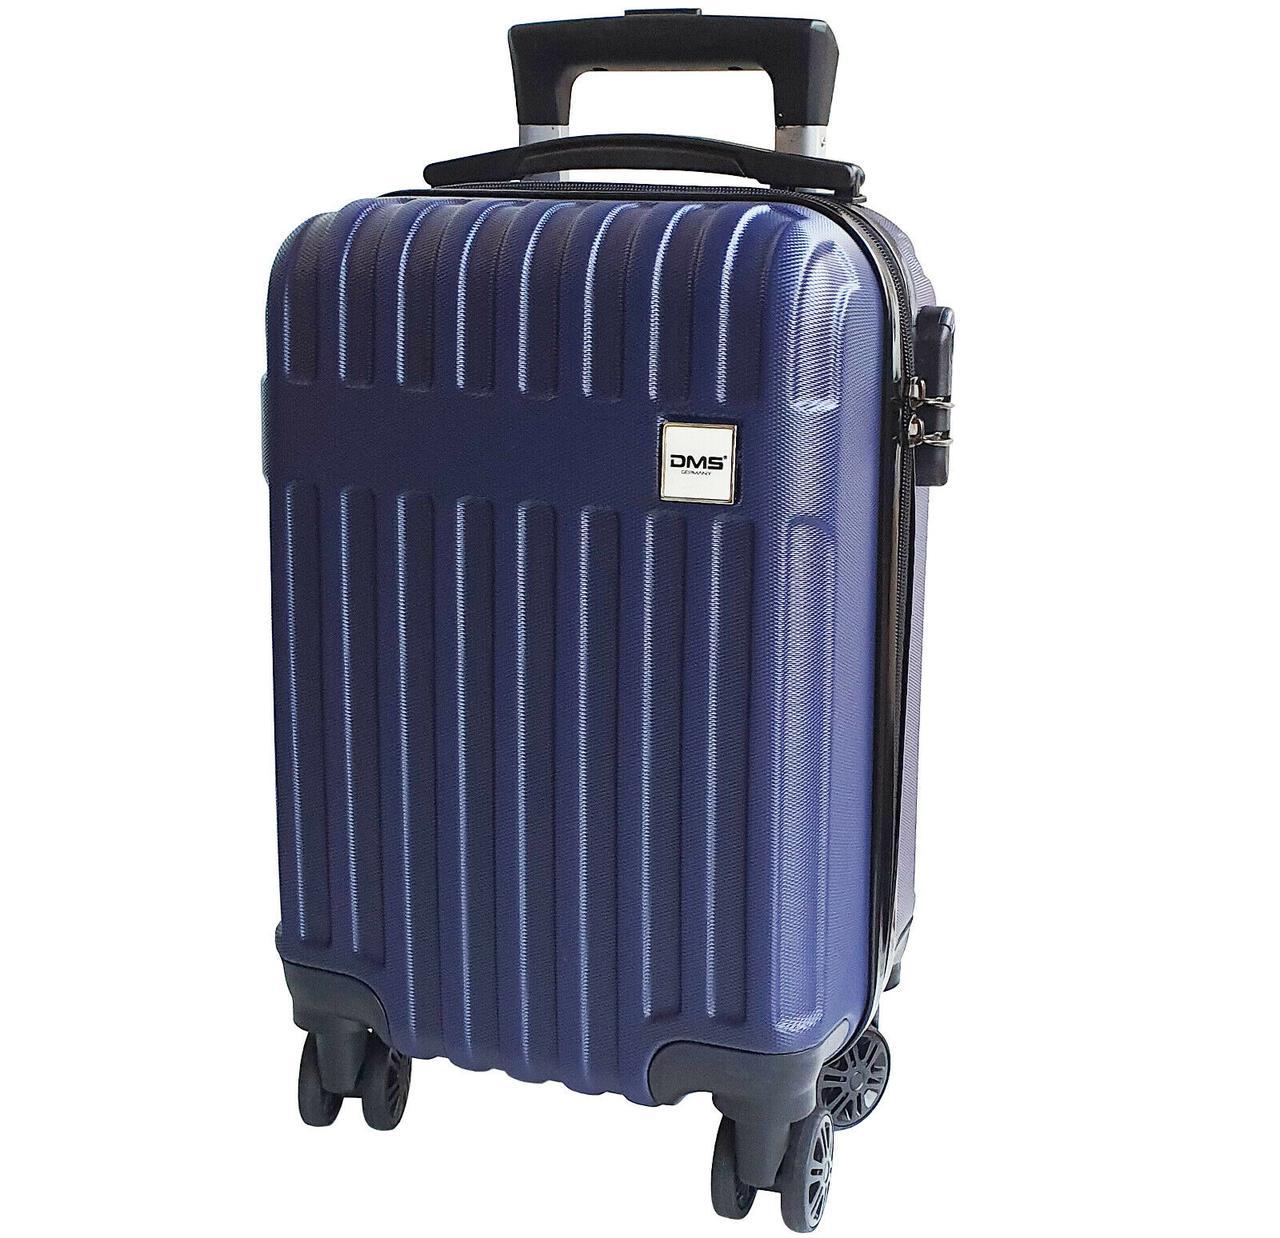 Чемоданы дорожные DMS с тележкой, размер S-32L, 47 x 35 x 24 см  синий Blue